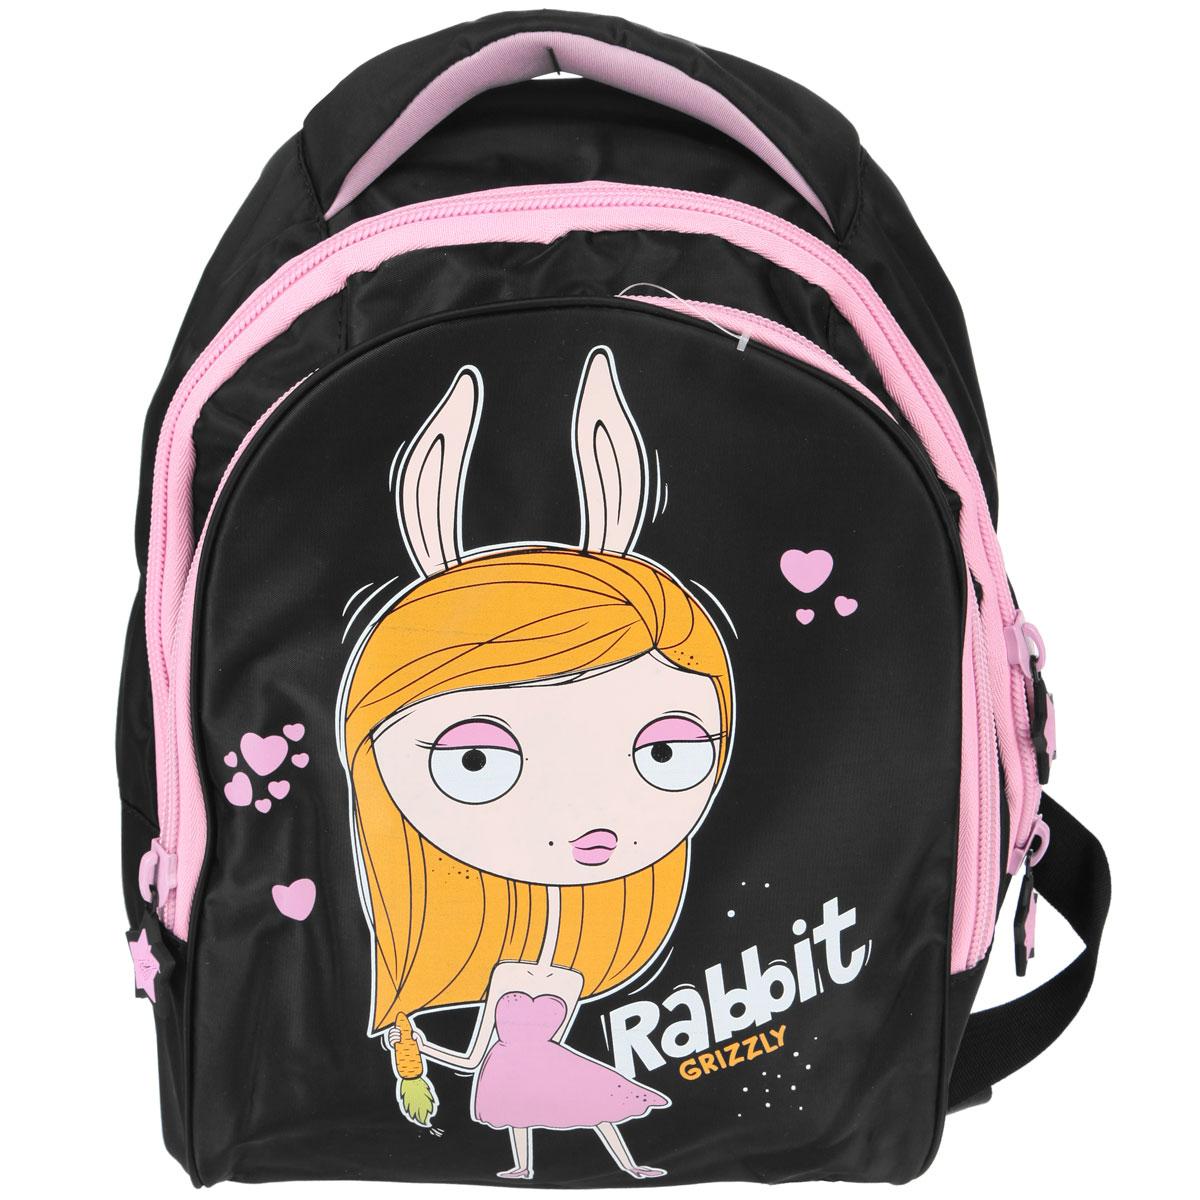 Рюкзак детский Grizzly, цвет: розовый. RD-215-1RD 215-1/3Рюкзак с двумя отделениями, пеналом для карандашей, мягкими лямками и ручкой с вставками из неопрена, с жесткой спинкой с фигурной отсрочкой